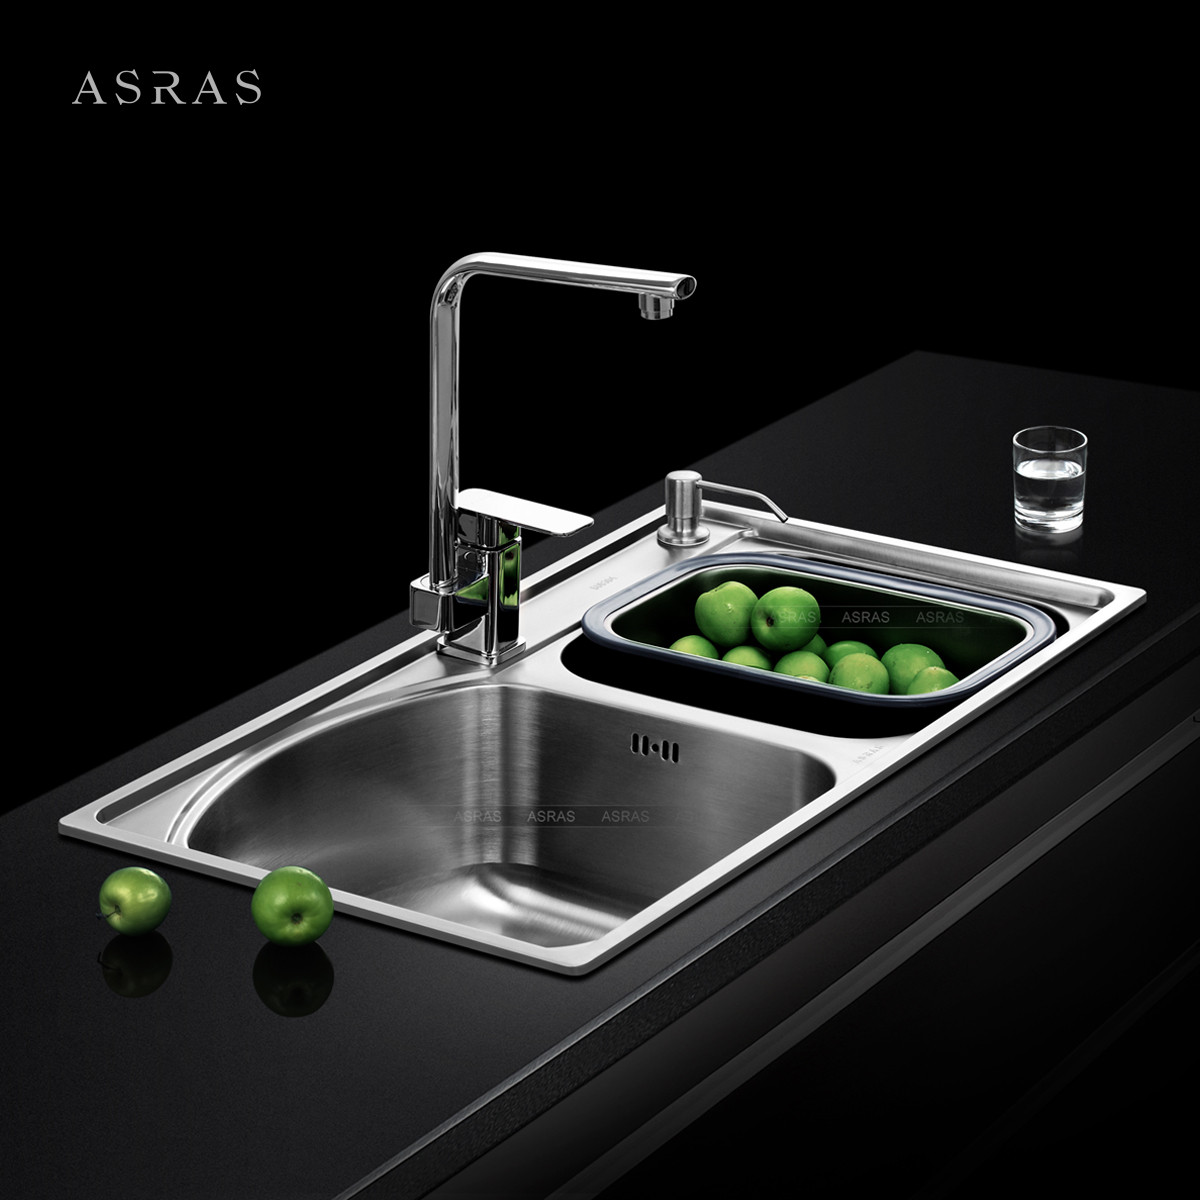 asras 不锈钢 7540水槽